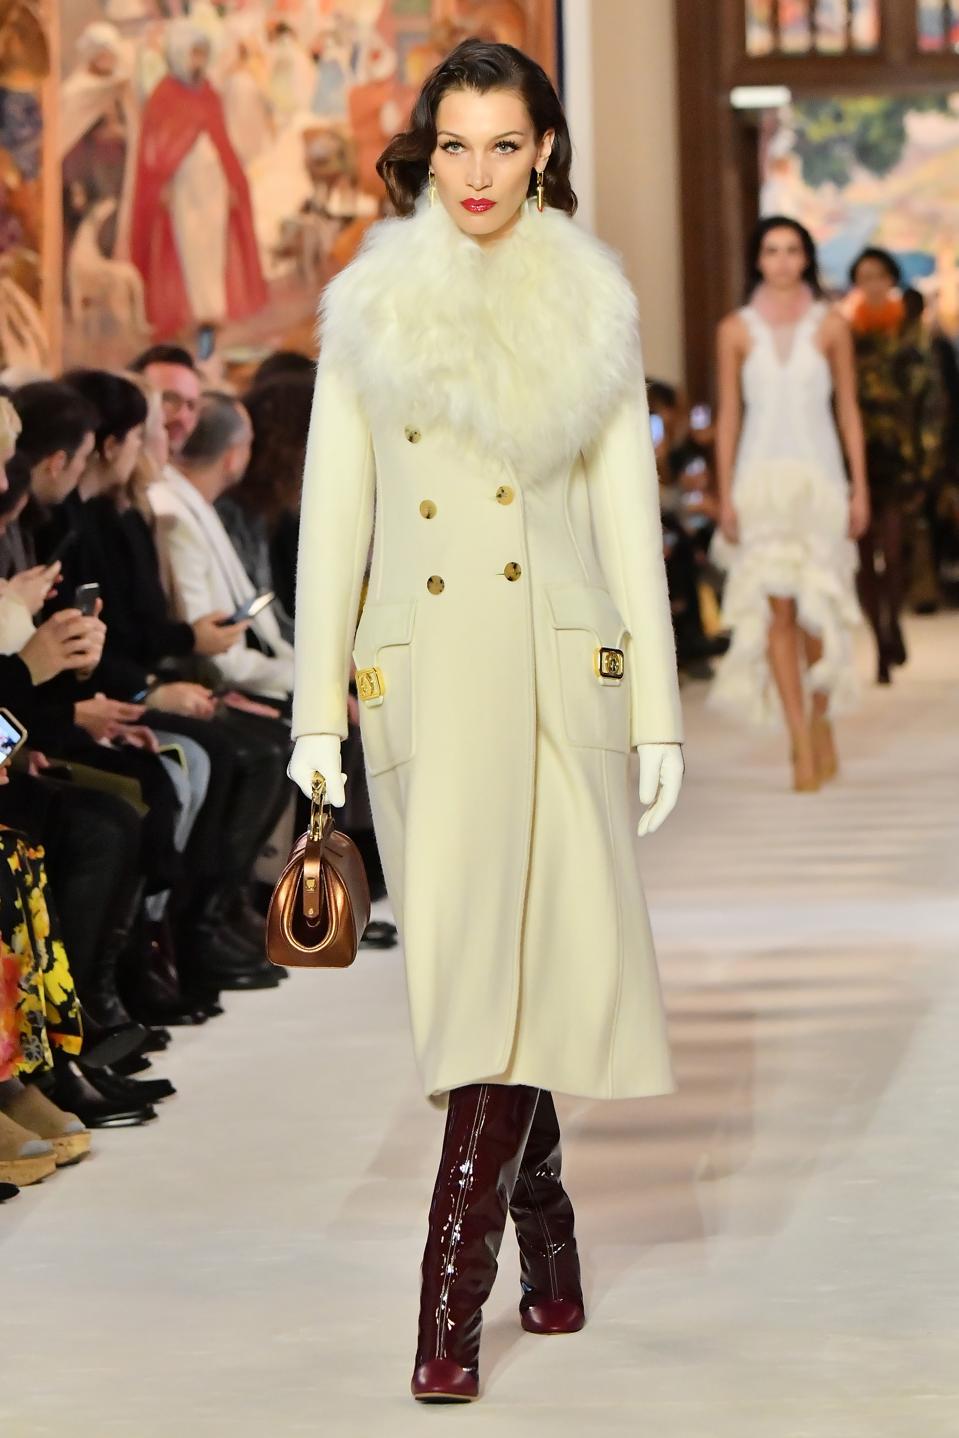 Lanvin Autumn/Winter 2020: Headbands, Hadids, And Haute Glam